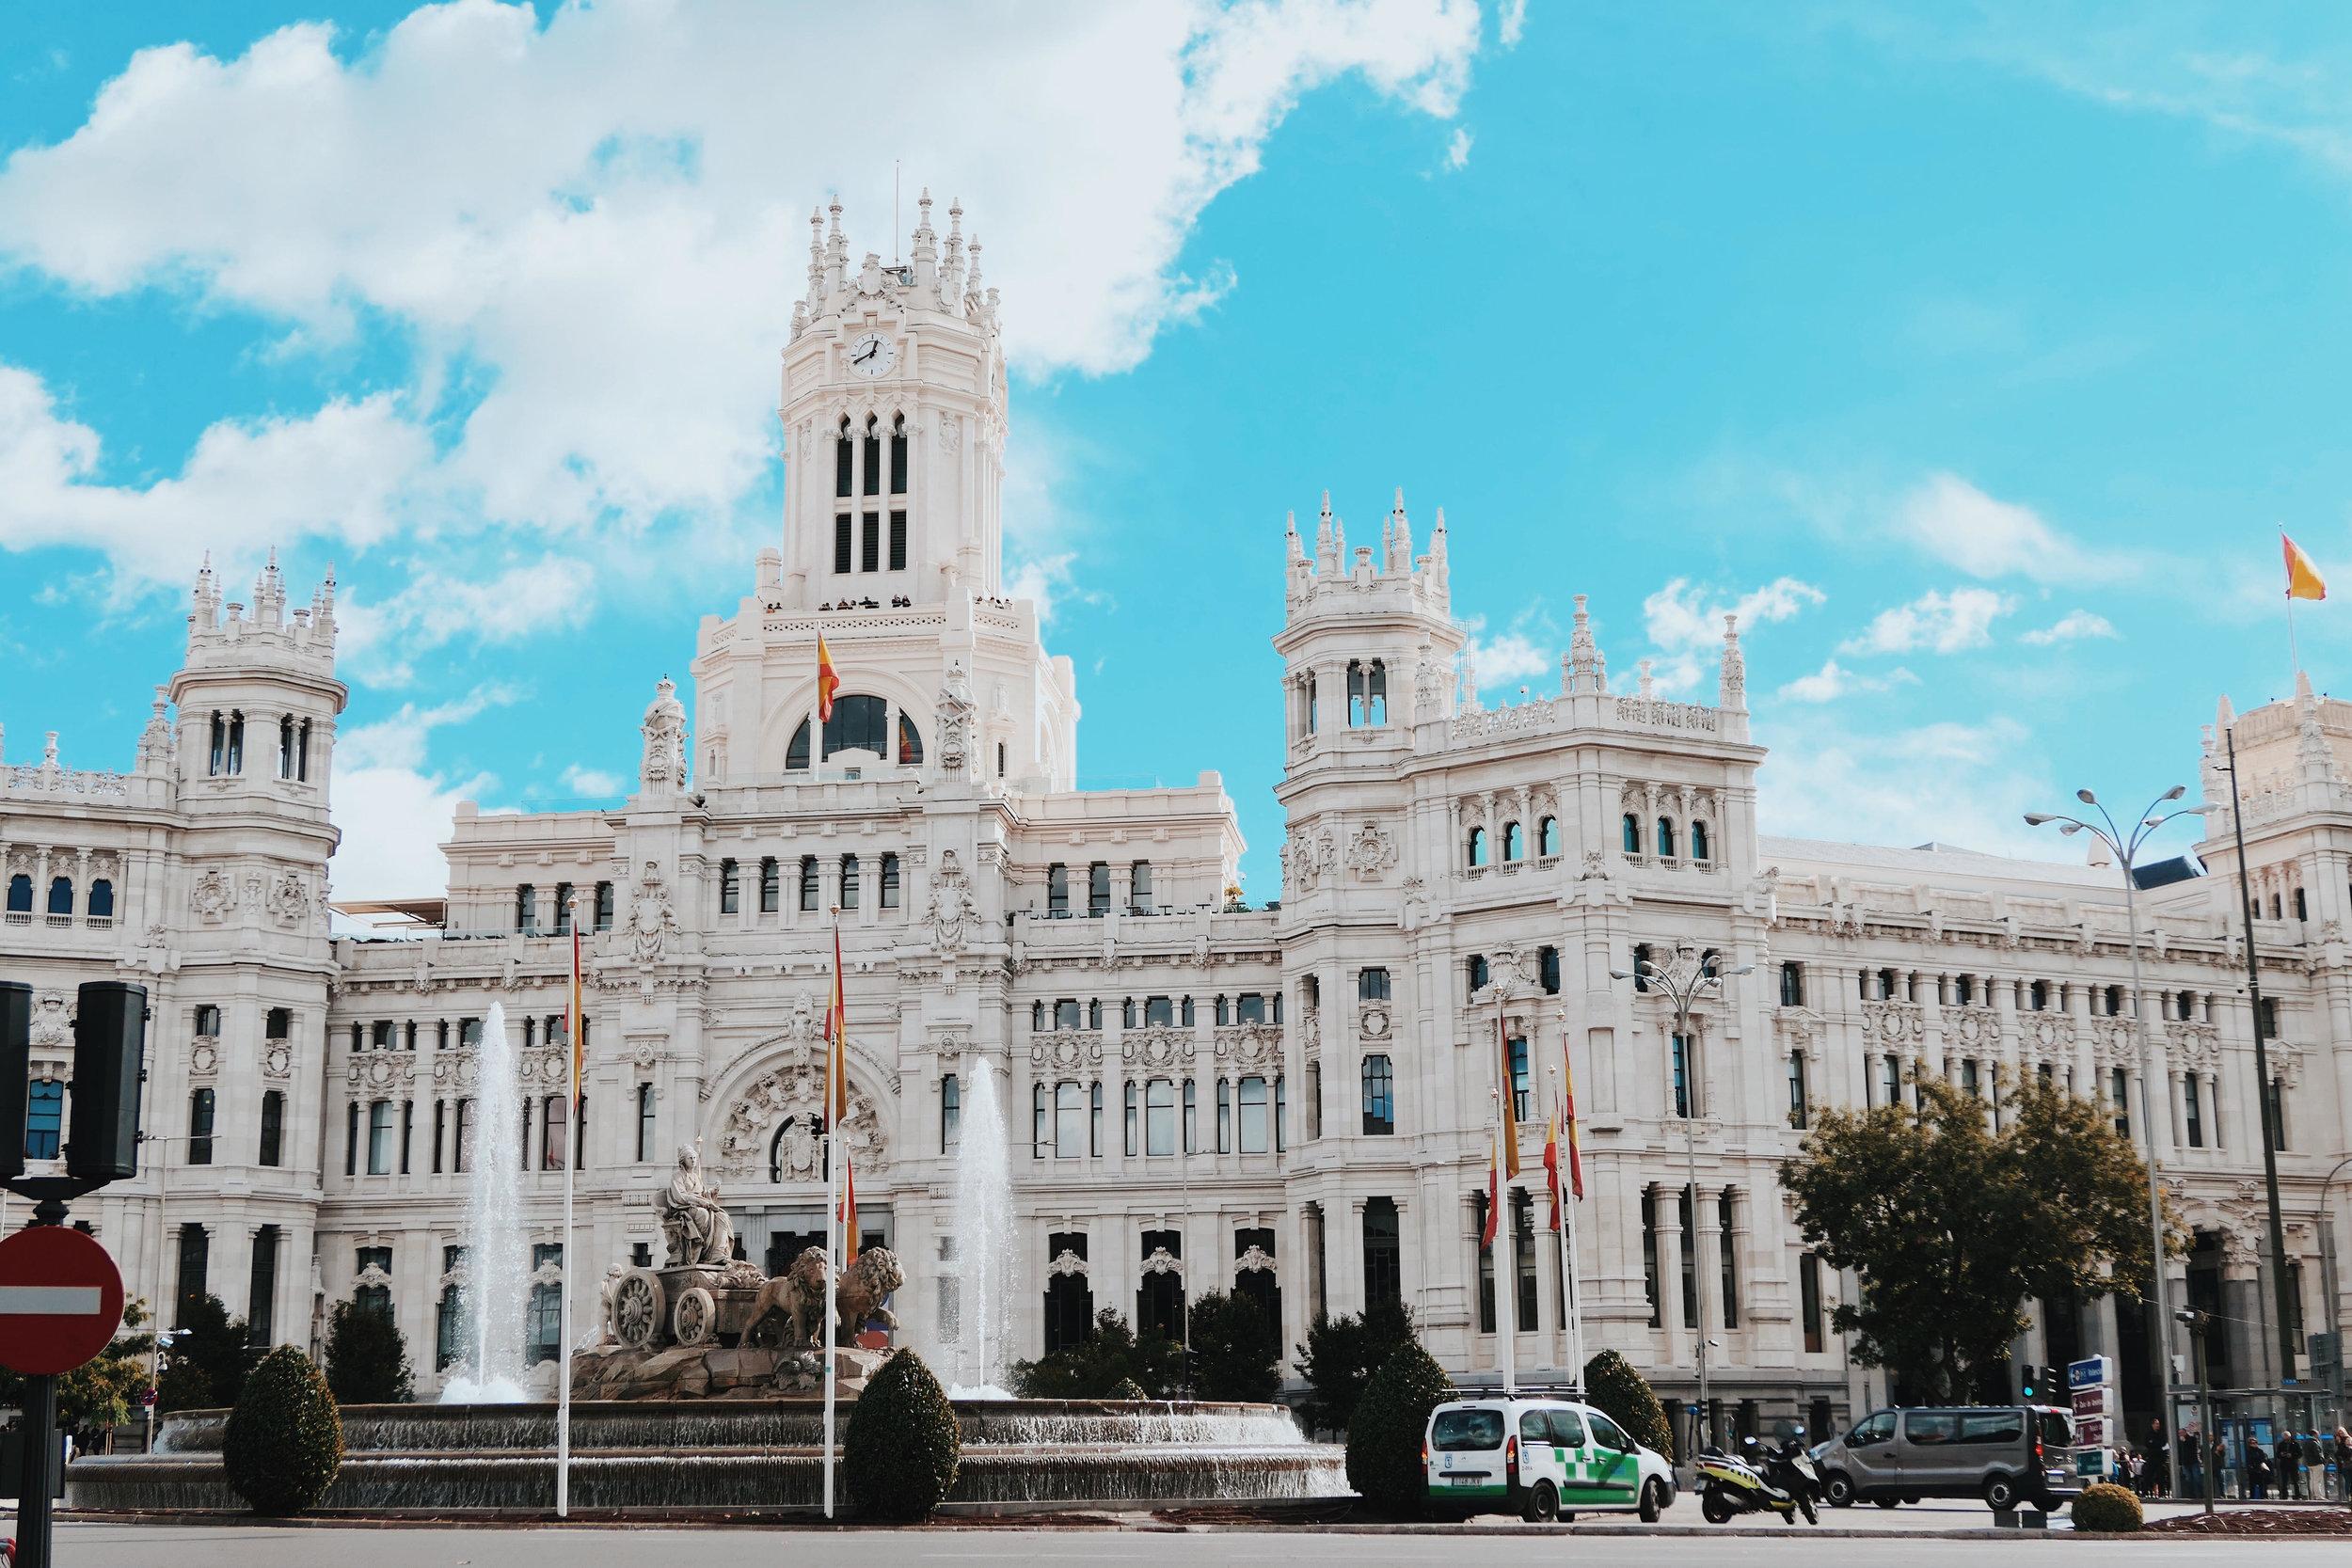 Plaza Cibeles с известния фонтан и Парламента. Преди години ни разказваха как има два големи фонтана в Мардид, в единия се къпят феновете на Реал Мадрид след победа, в другия - на Атлетико Мадрид. Тъй като никога не съм била фен на футбола, така и не запоних кои - в кой :)